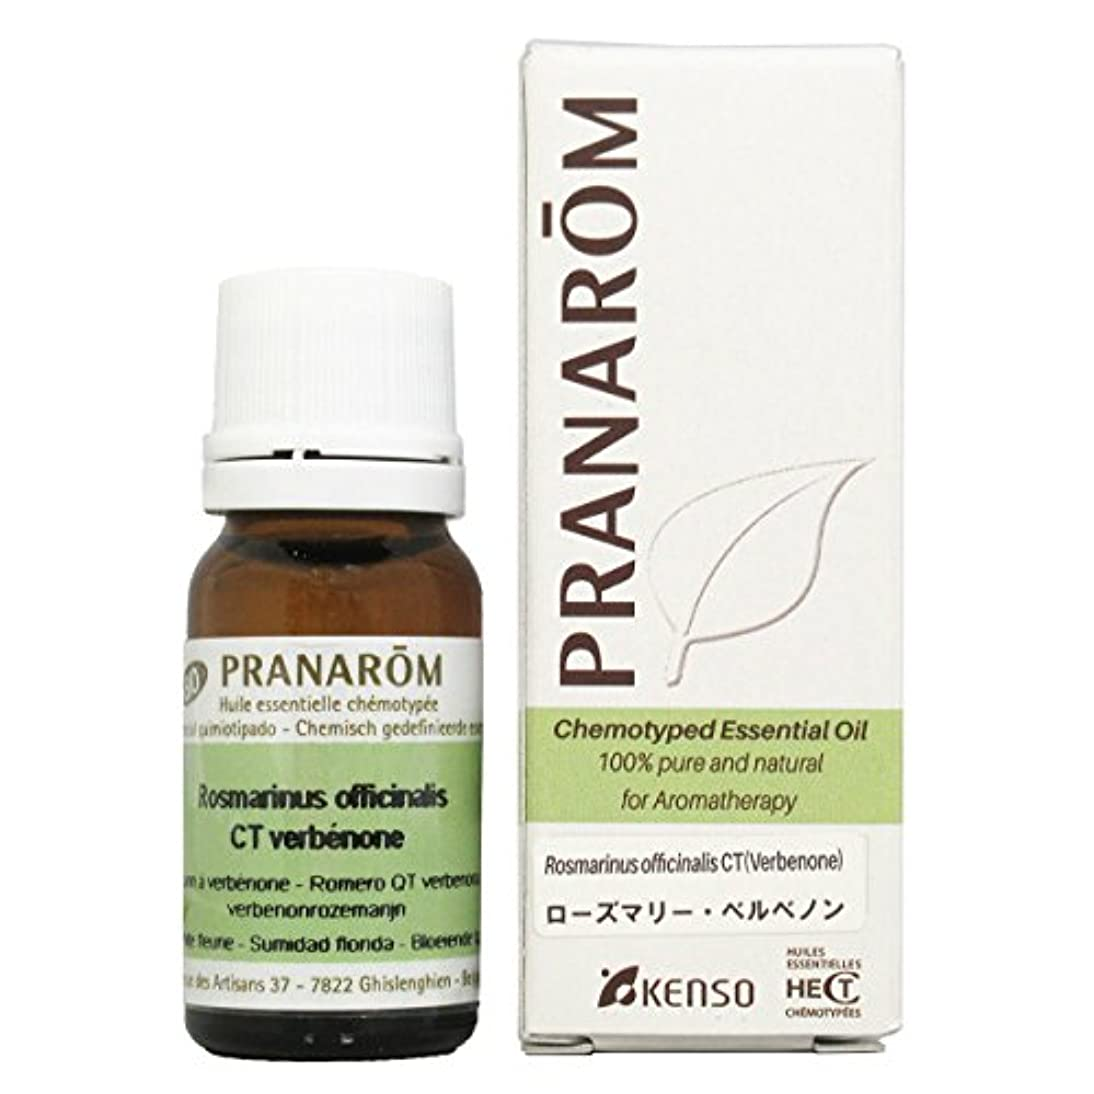 旅圧縮された転送プラナロム ローズマリーベルベノン 10ml (PRANAROM ケモタイプ精油)